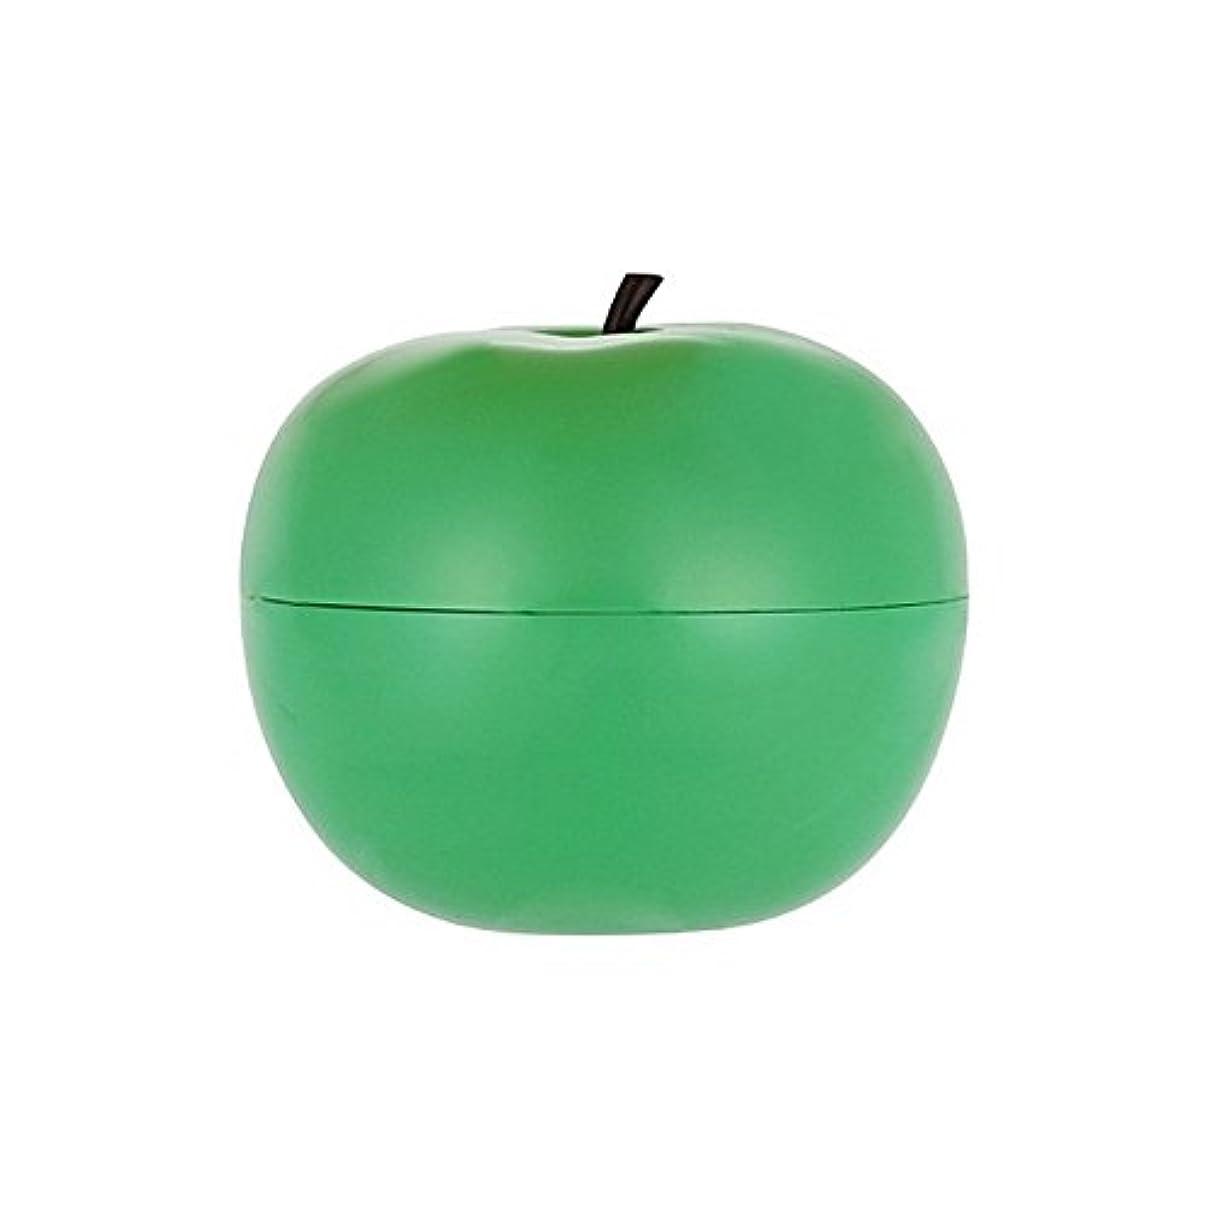 克服する追放巨大なTony Moly Appletox Smooth Massage Peeling Cream 80G - トニーモリースムーズマッサージピーリングクリーム80グラム [並行輸入品]